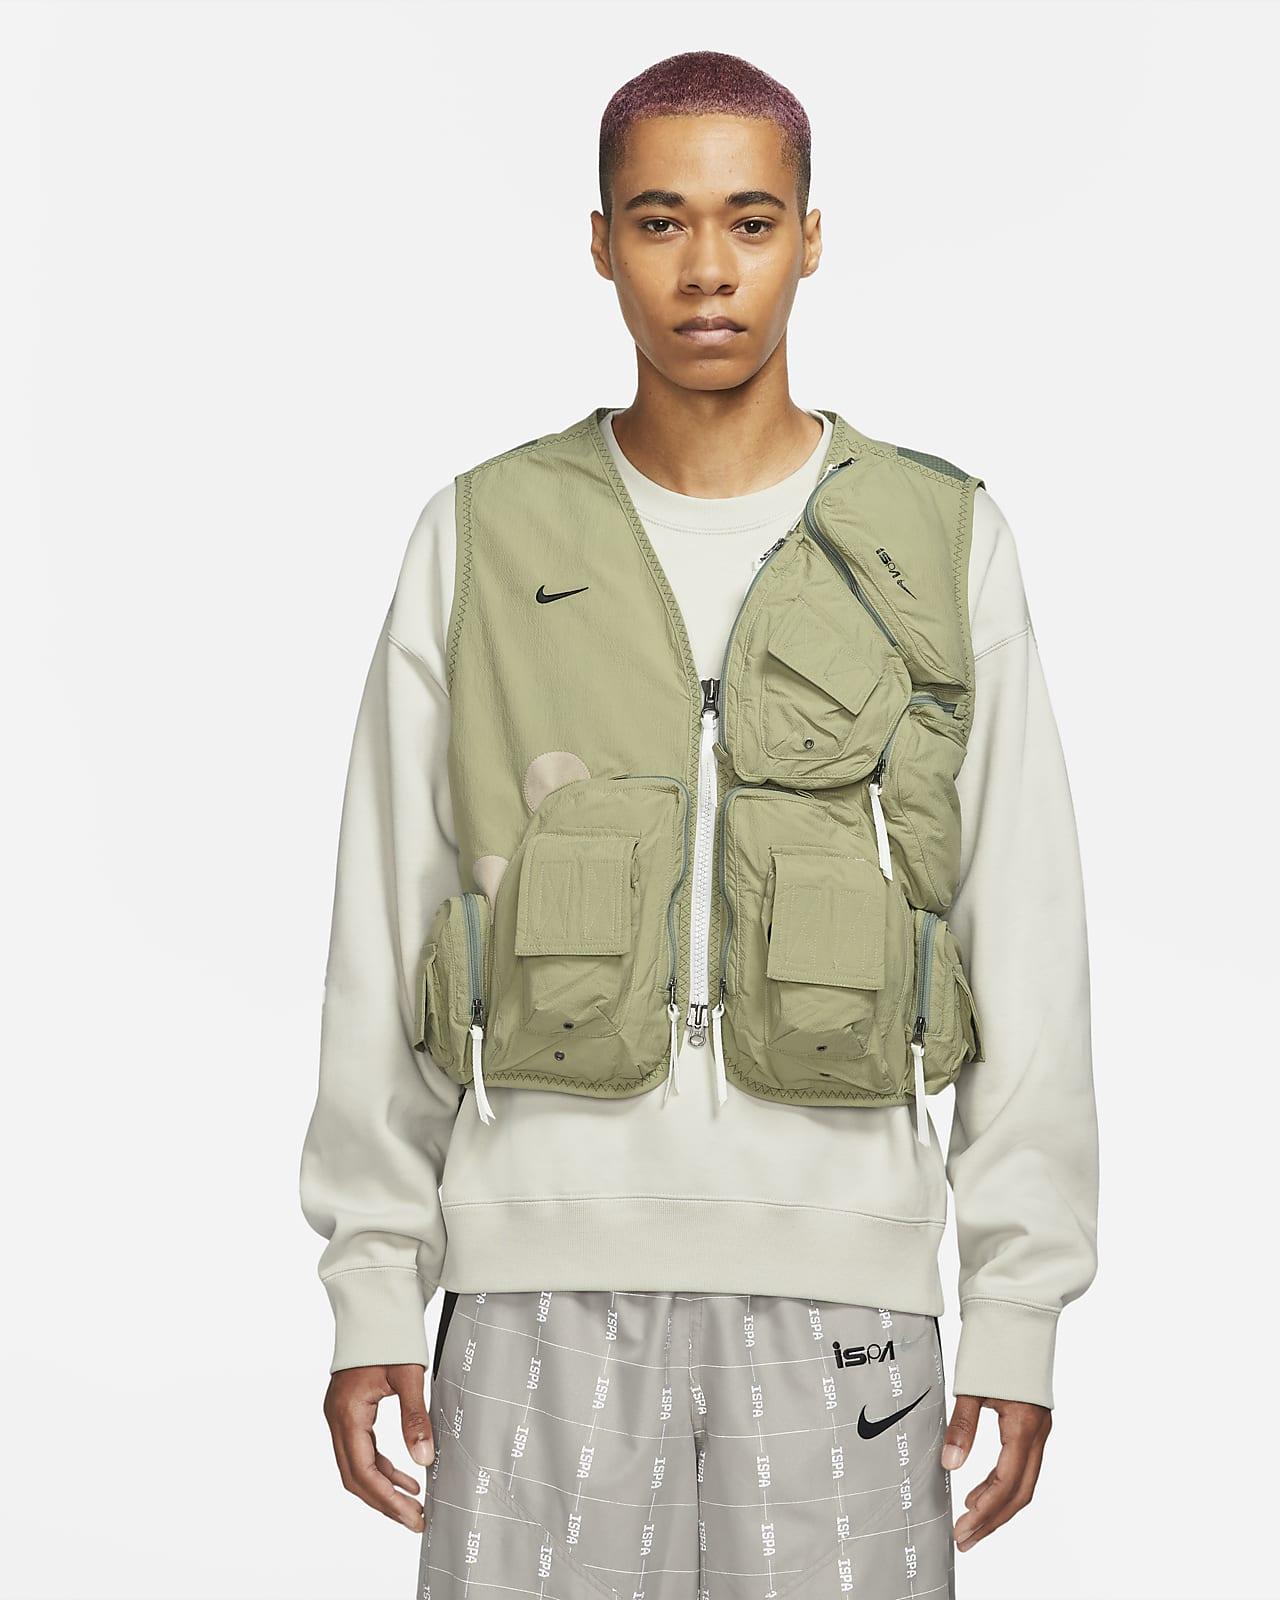 เสื้อกั๊กอเนกประสงค์ Nike iSPA